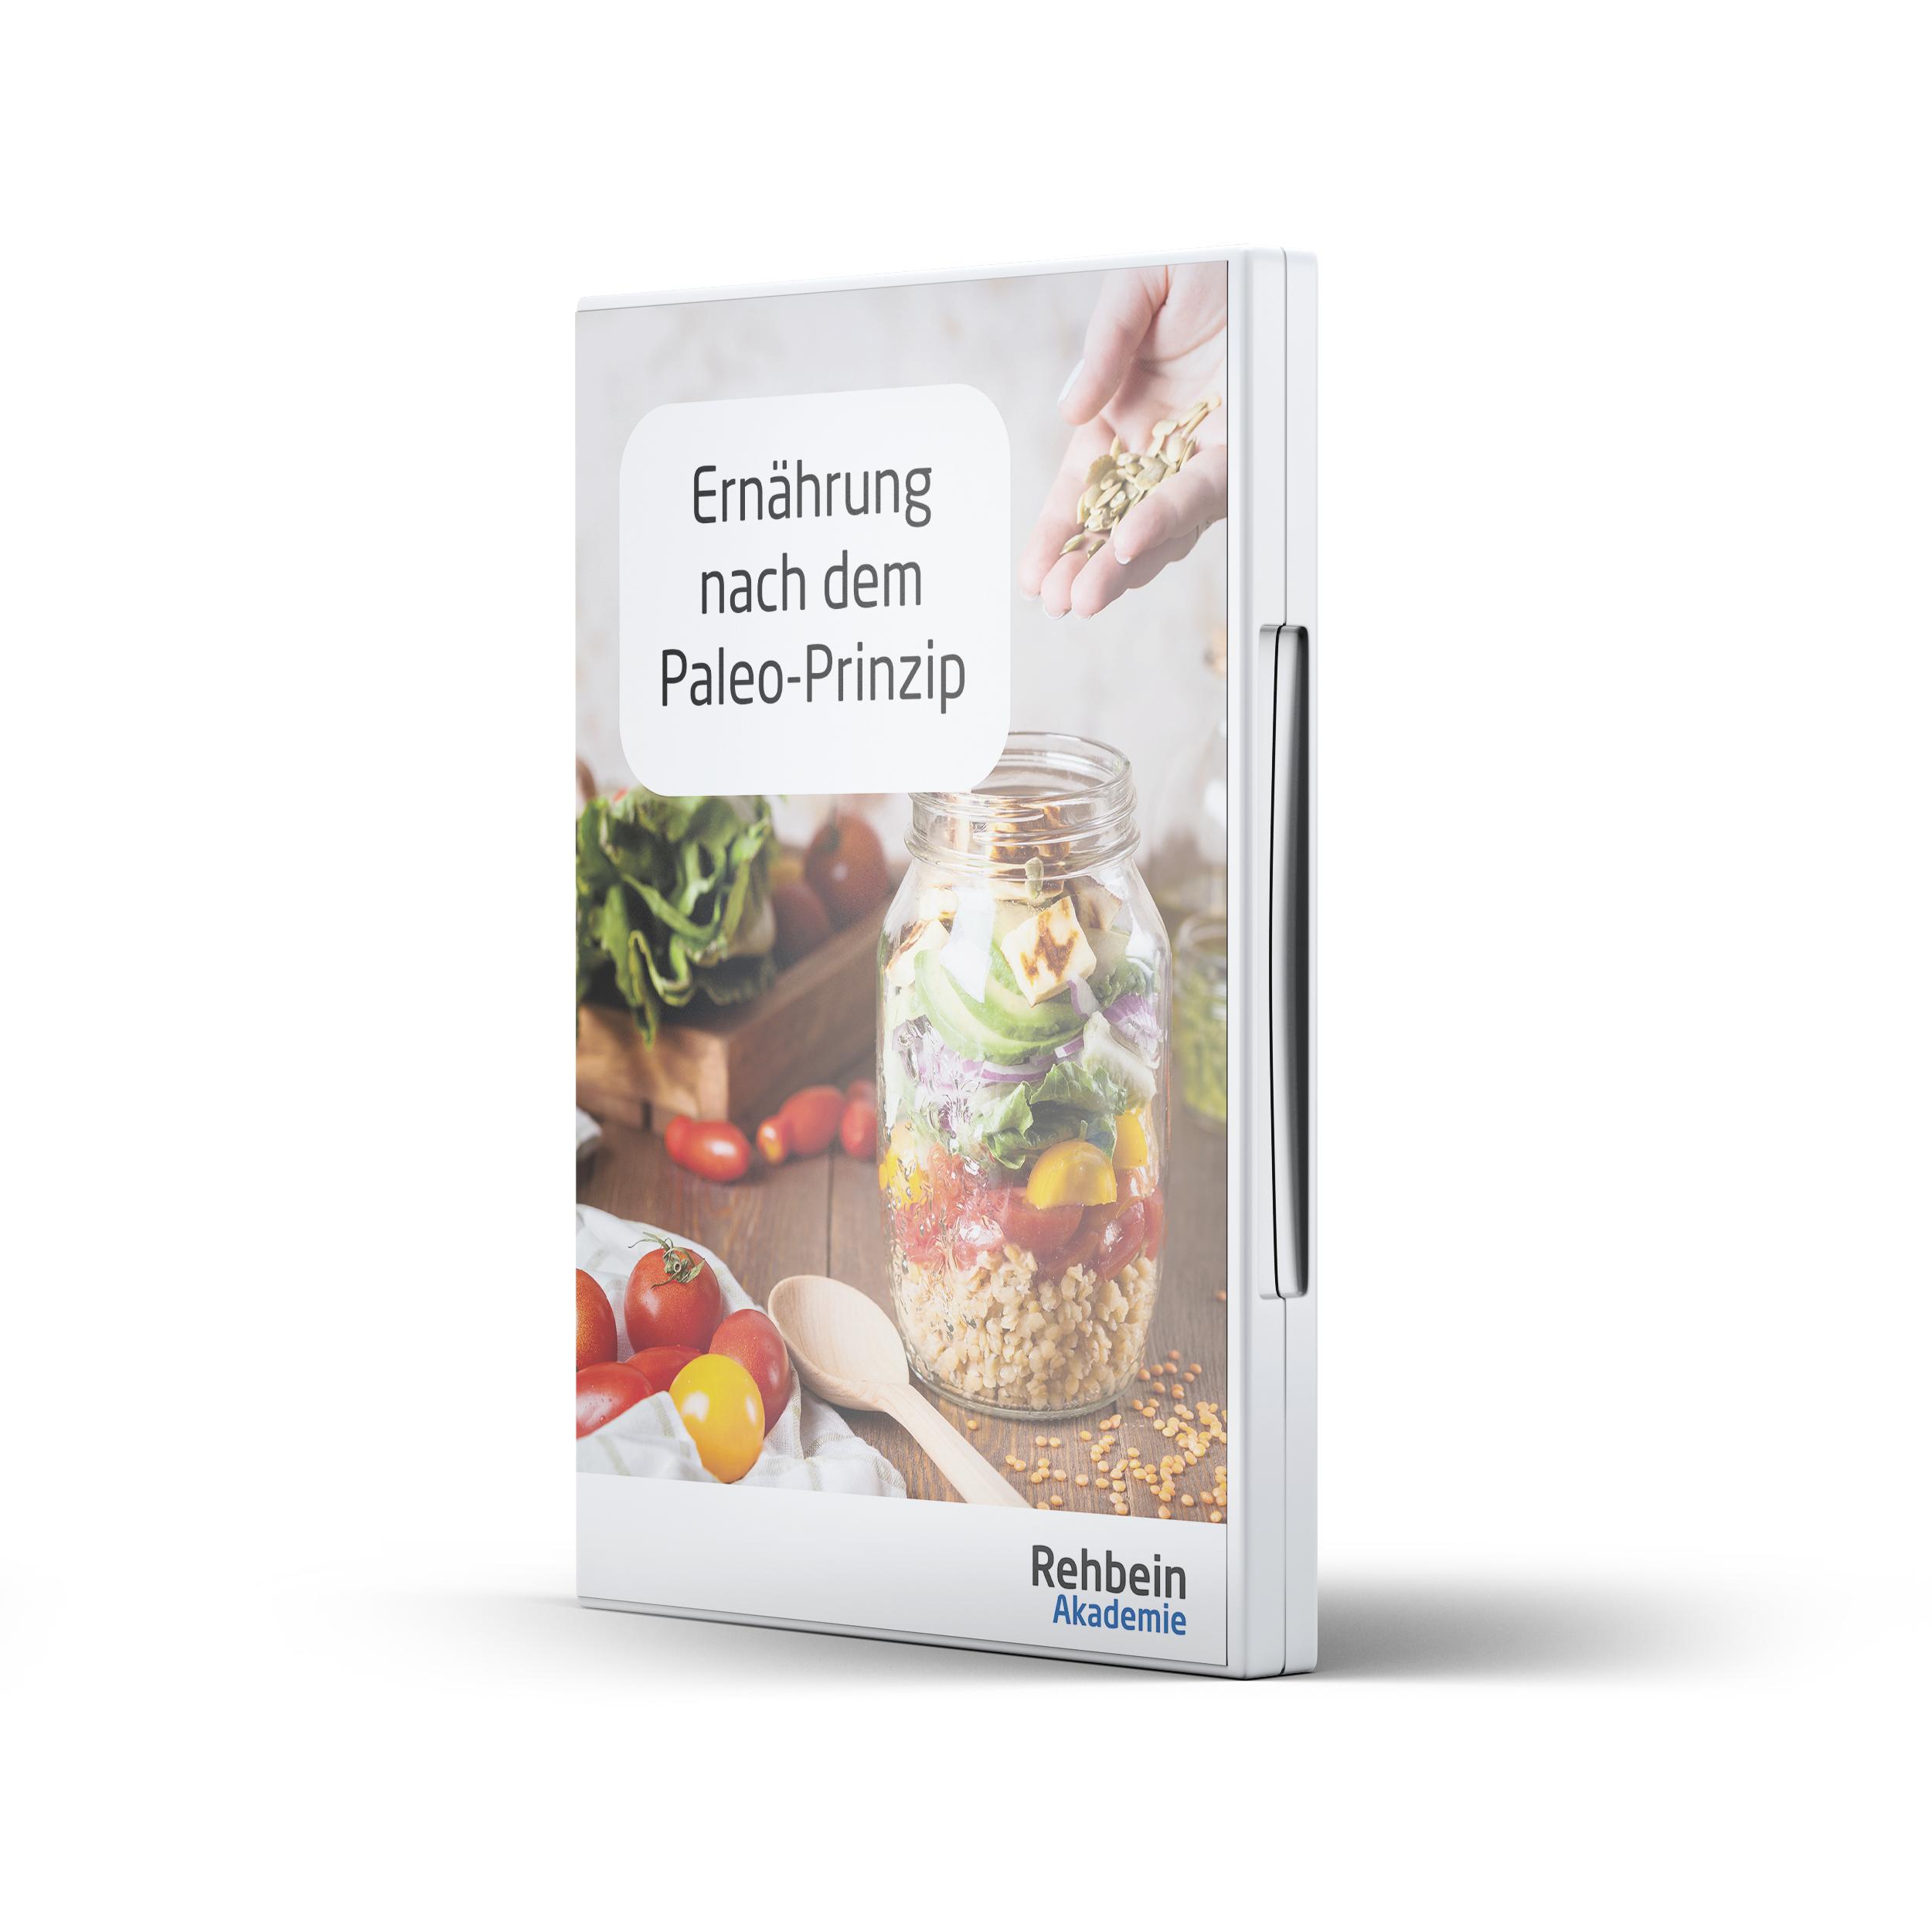 Rehbein Akademie Ernährung nach dem Paleo-Prinzip